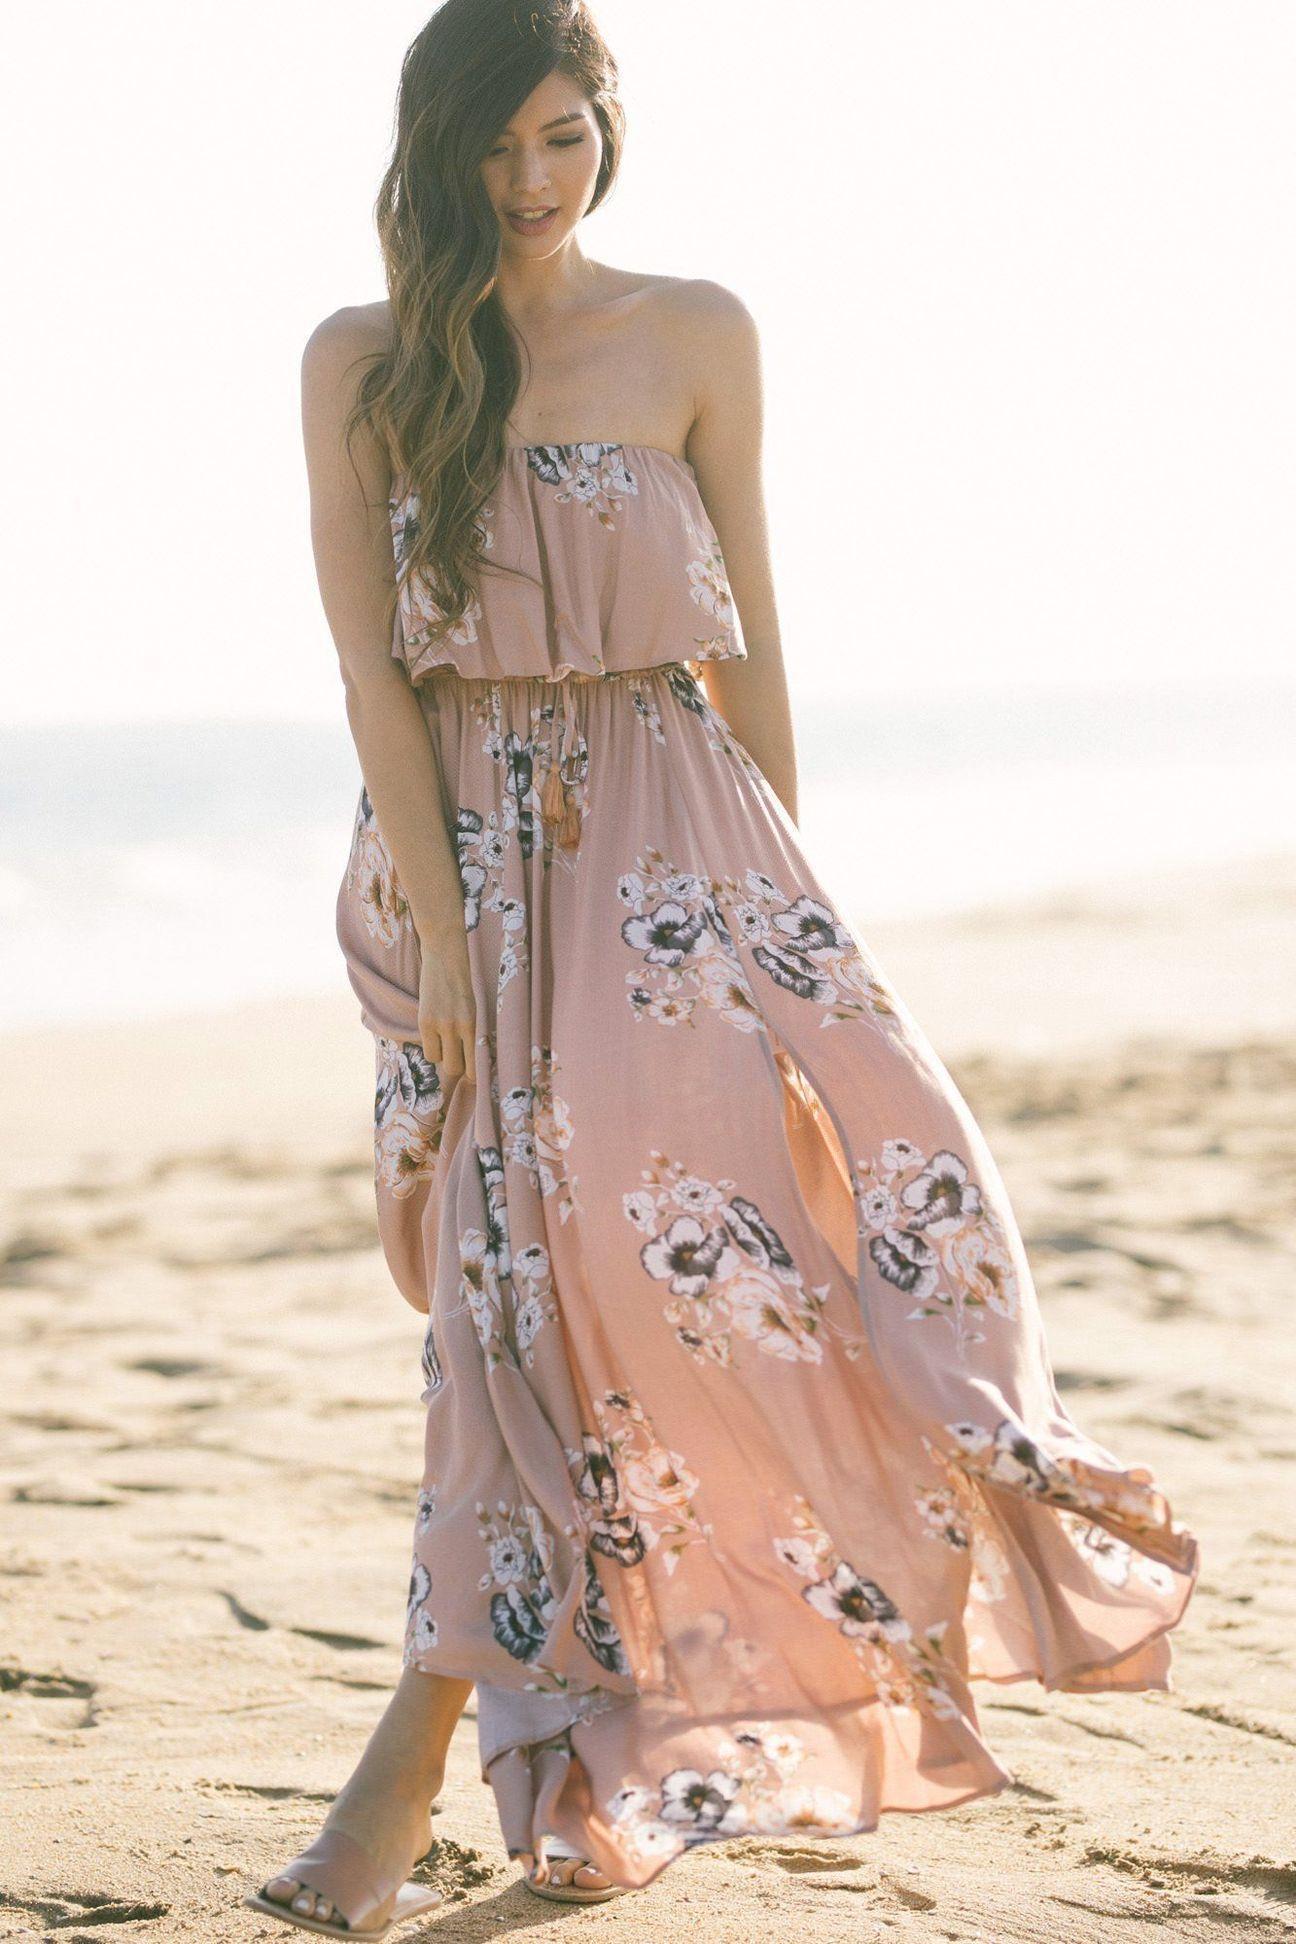 Jennie Blush Strapless Floral Maxi Dress Maxi Dress Dresses Floral Maxi [ 1944 x 1296 Pixel ]